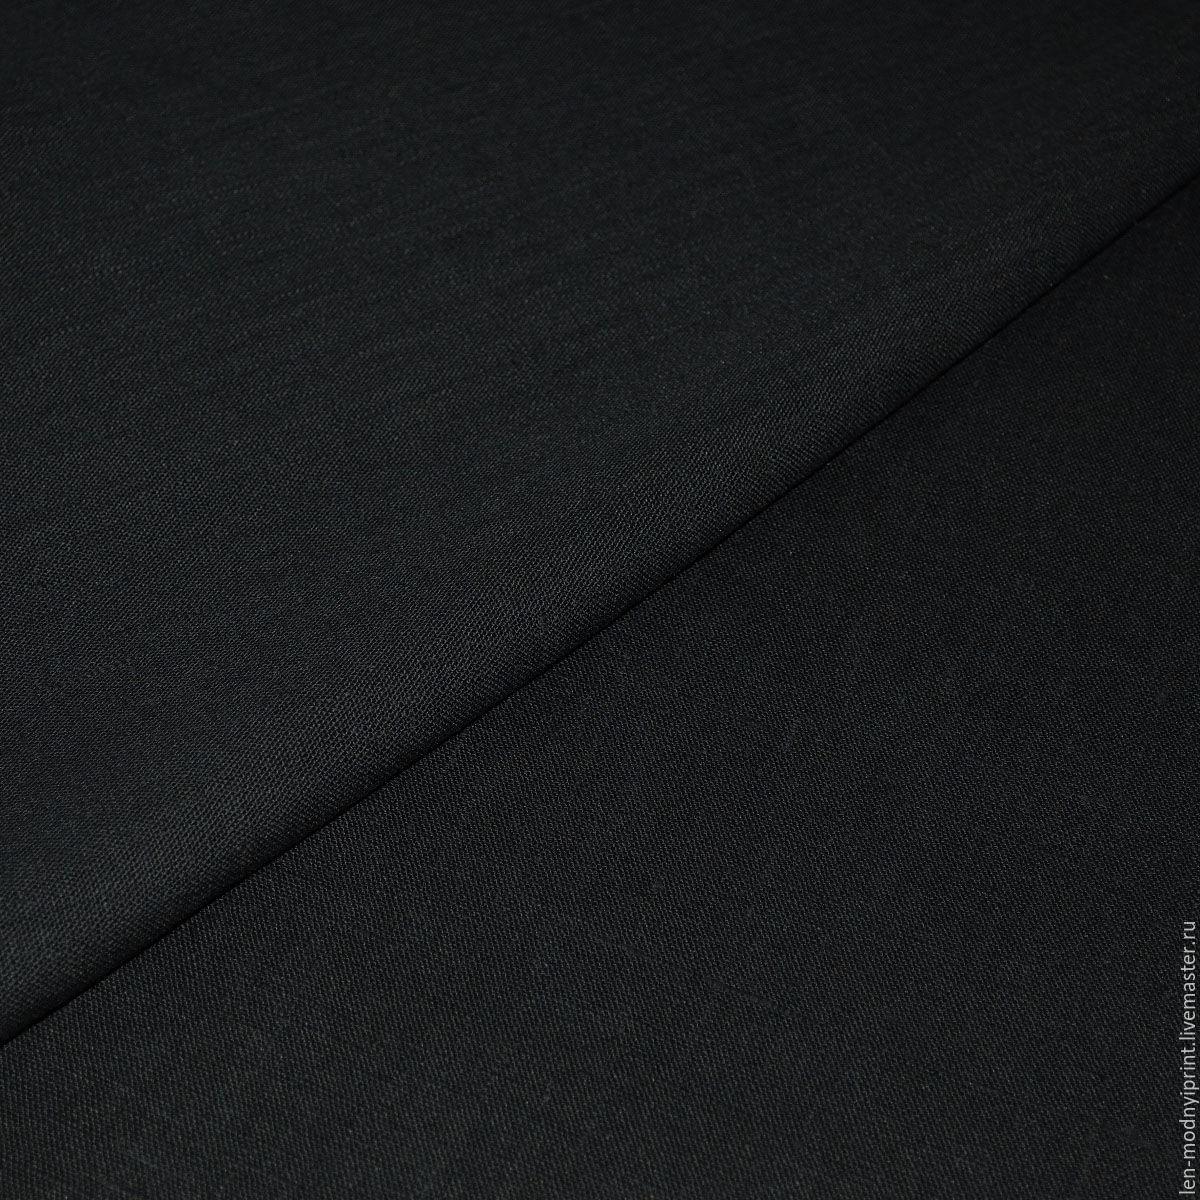 Ткань льняная портьерная, декоративная, скатертная